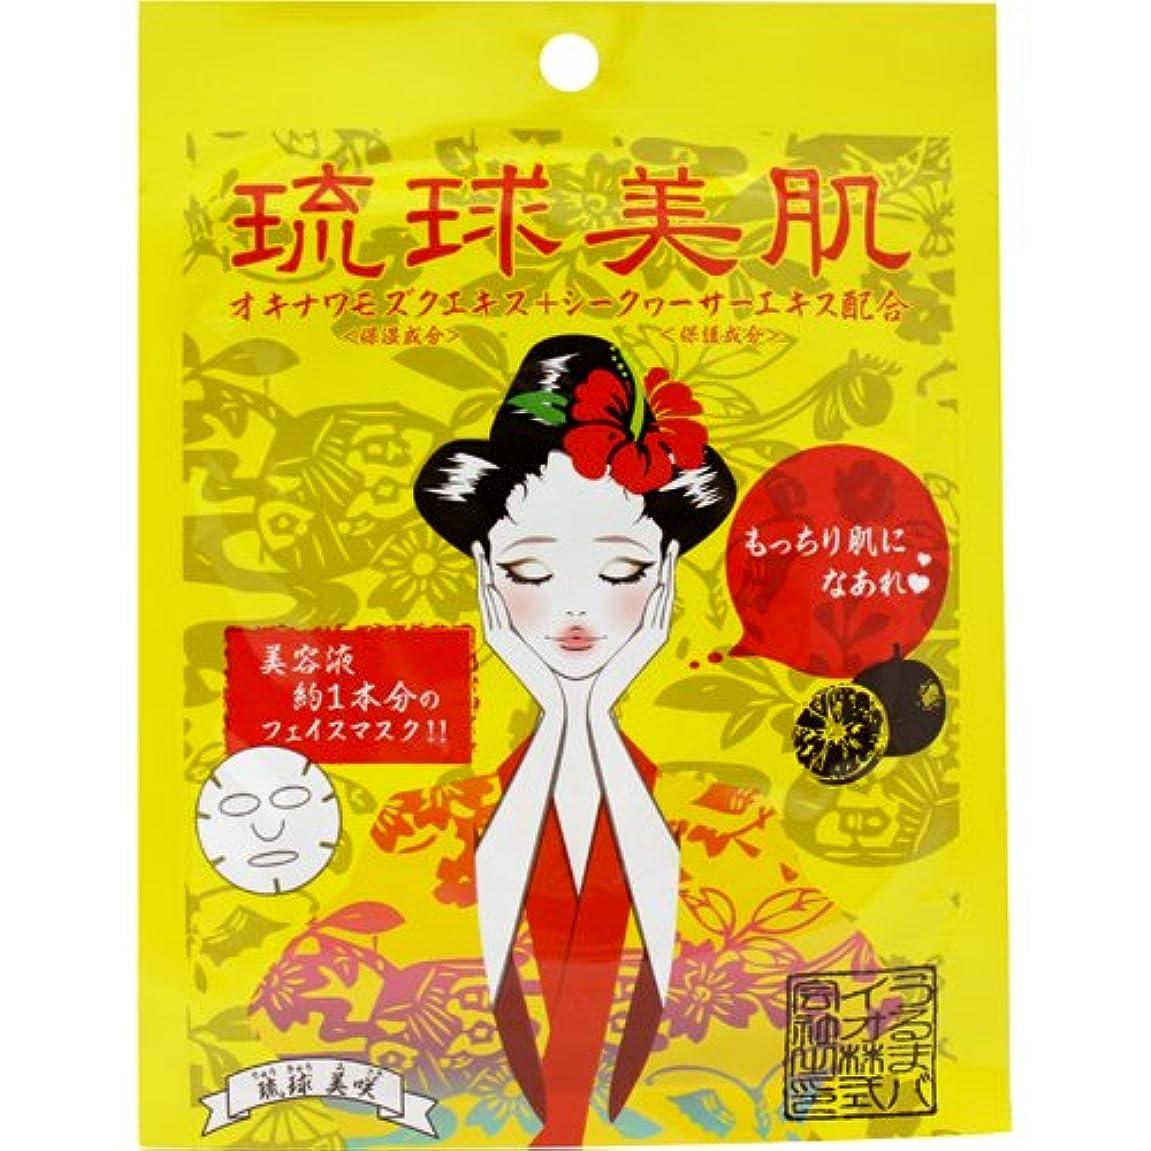 レンディション百考えた琉球美肌 フェイスマスクシート シークヮーサーの香り 10枚セット